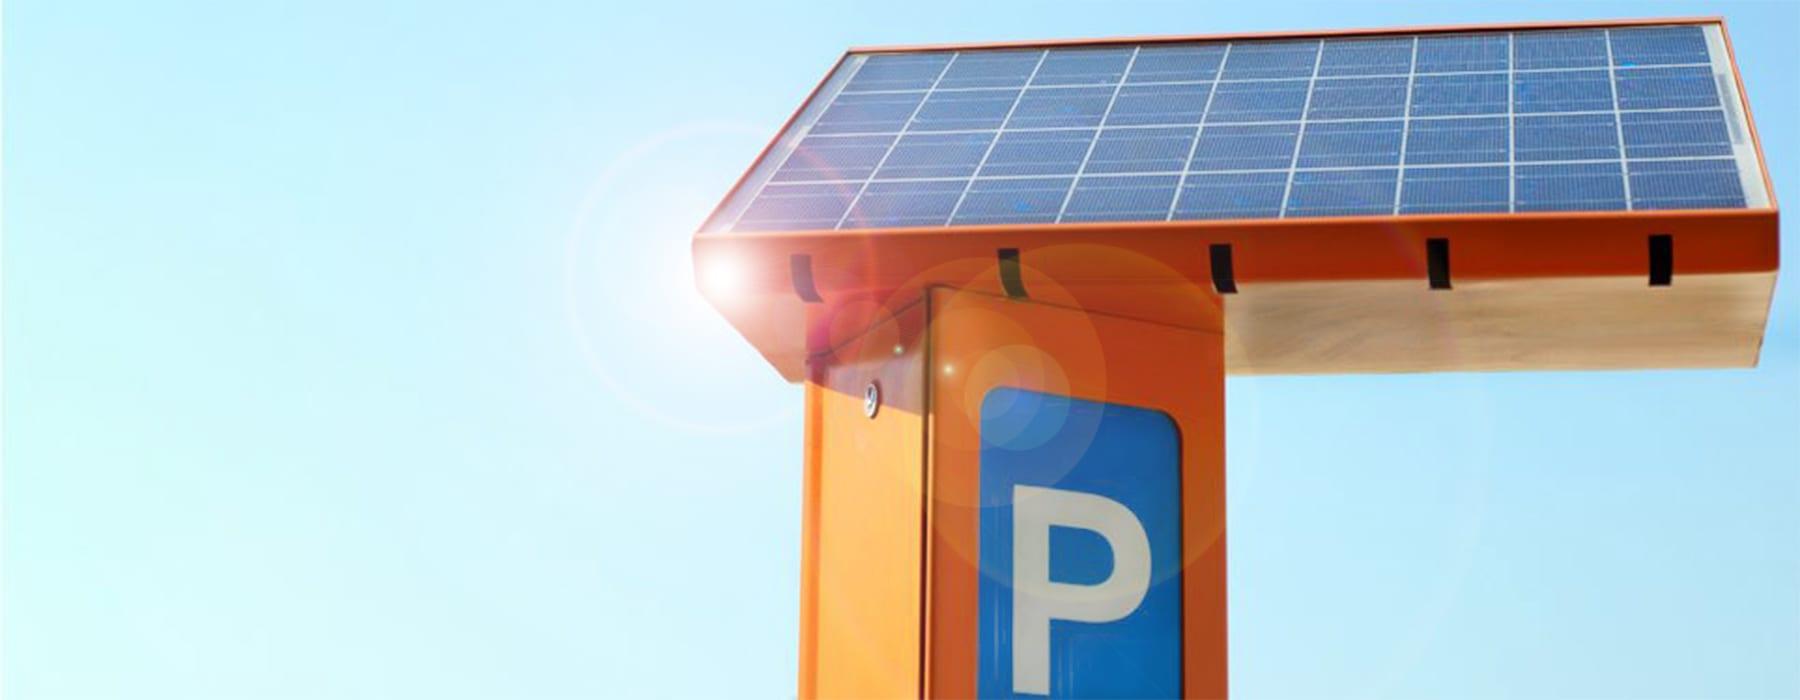 Free parking during Ifar